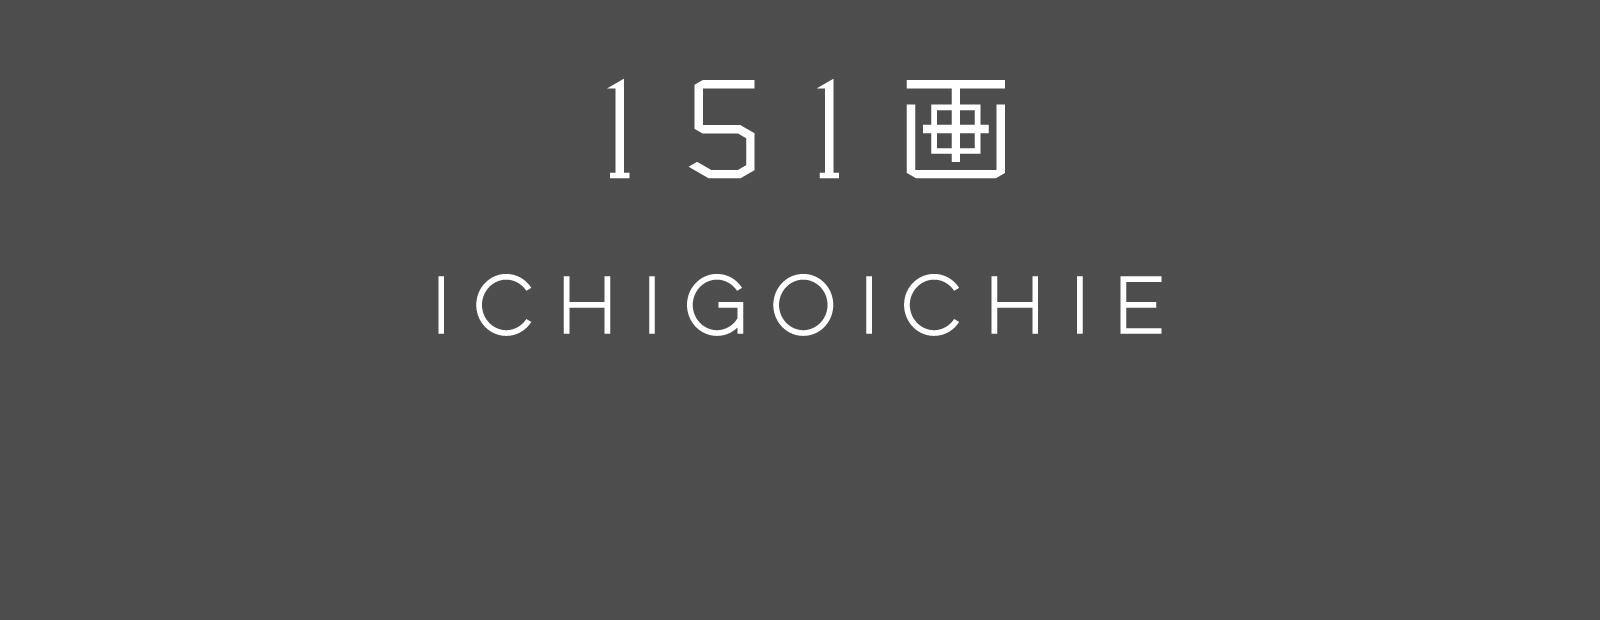 プライベートフォトサービス 151画 ICHIGOICHIE